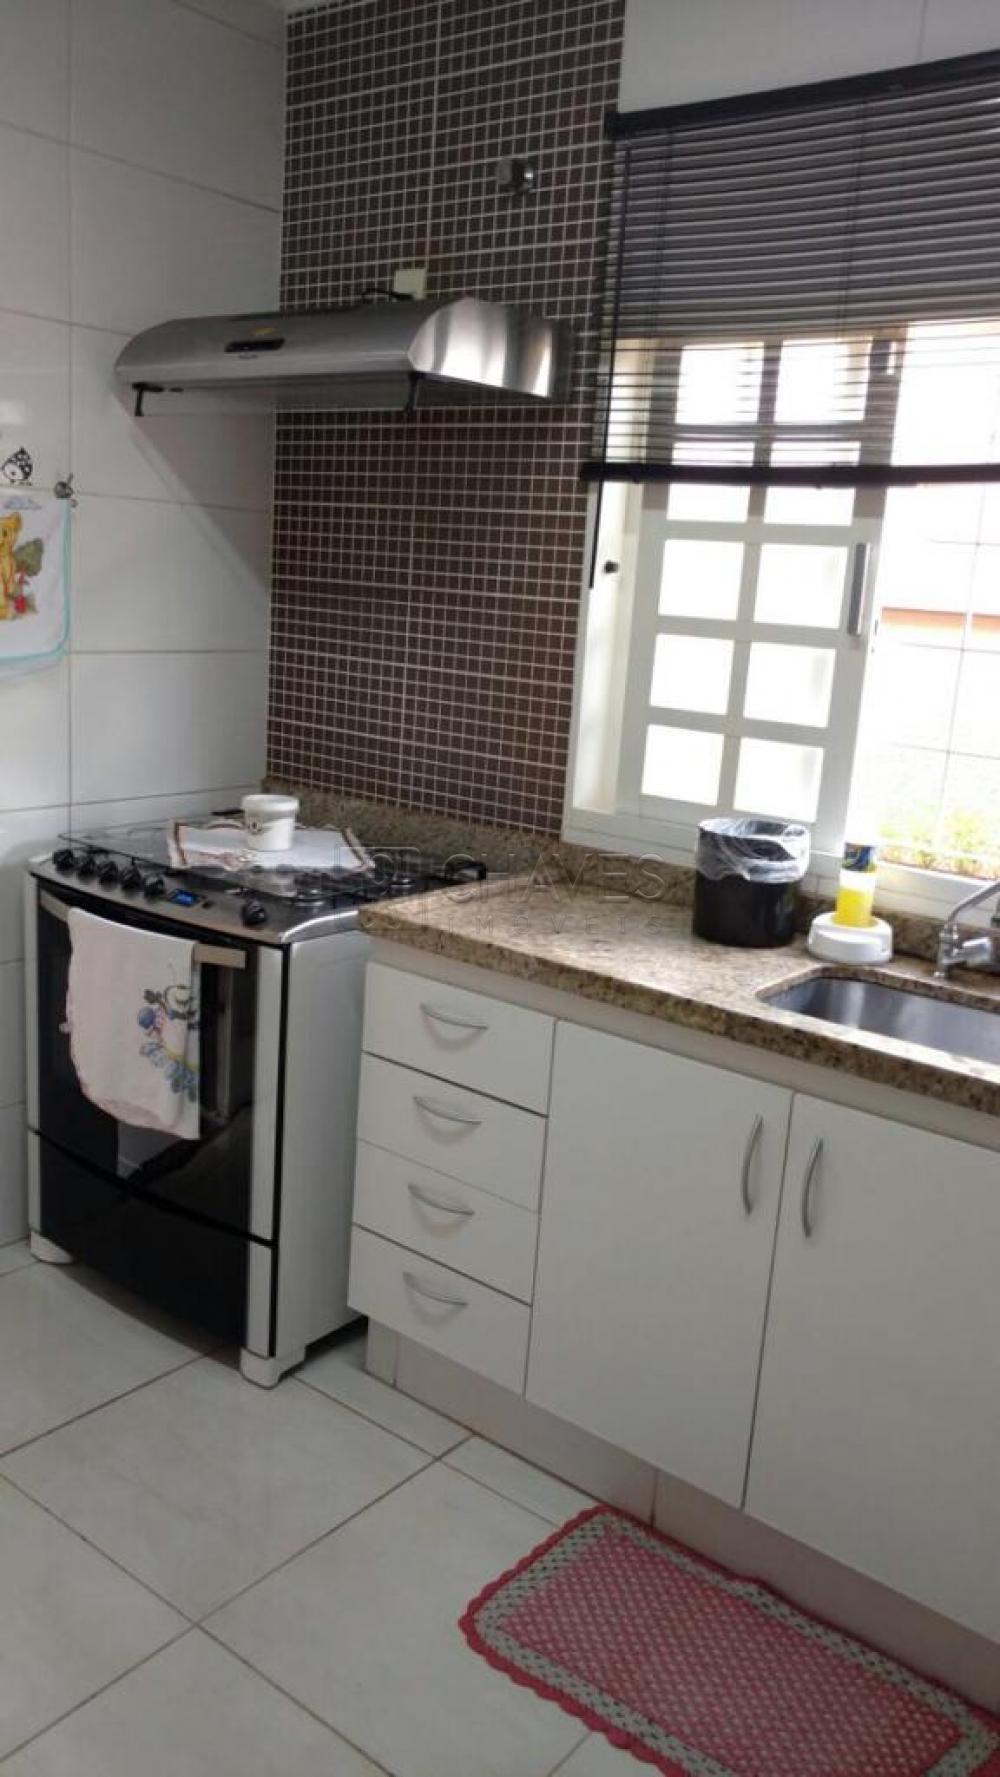 Comprar Casa / Padrão em Ribeirão Preto apenas R$ 360.000,00 - Foto 16